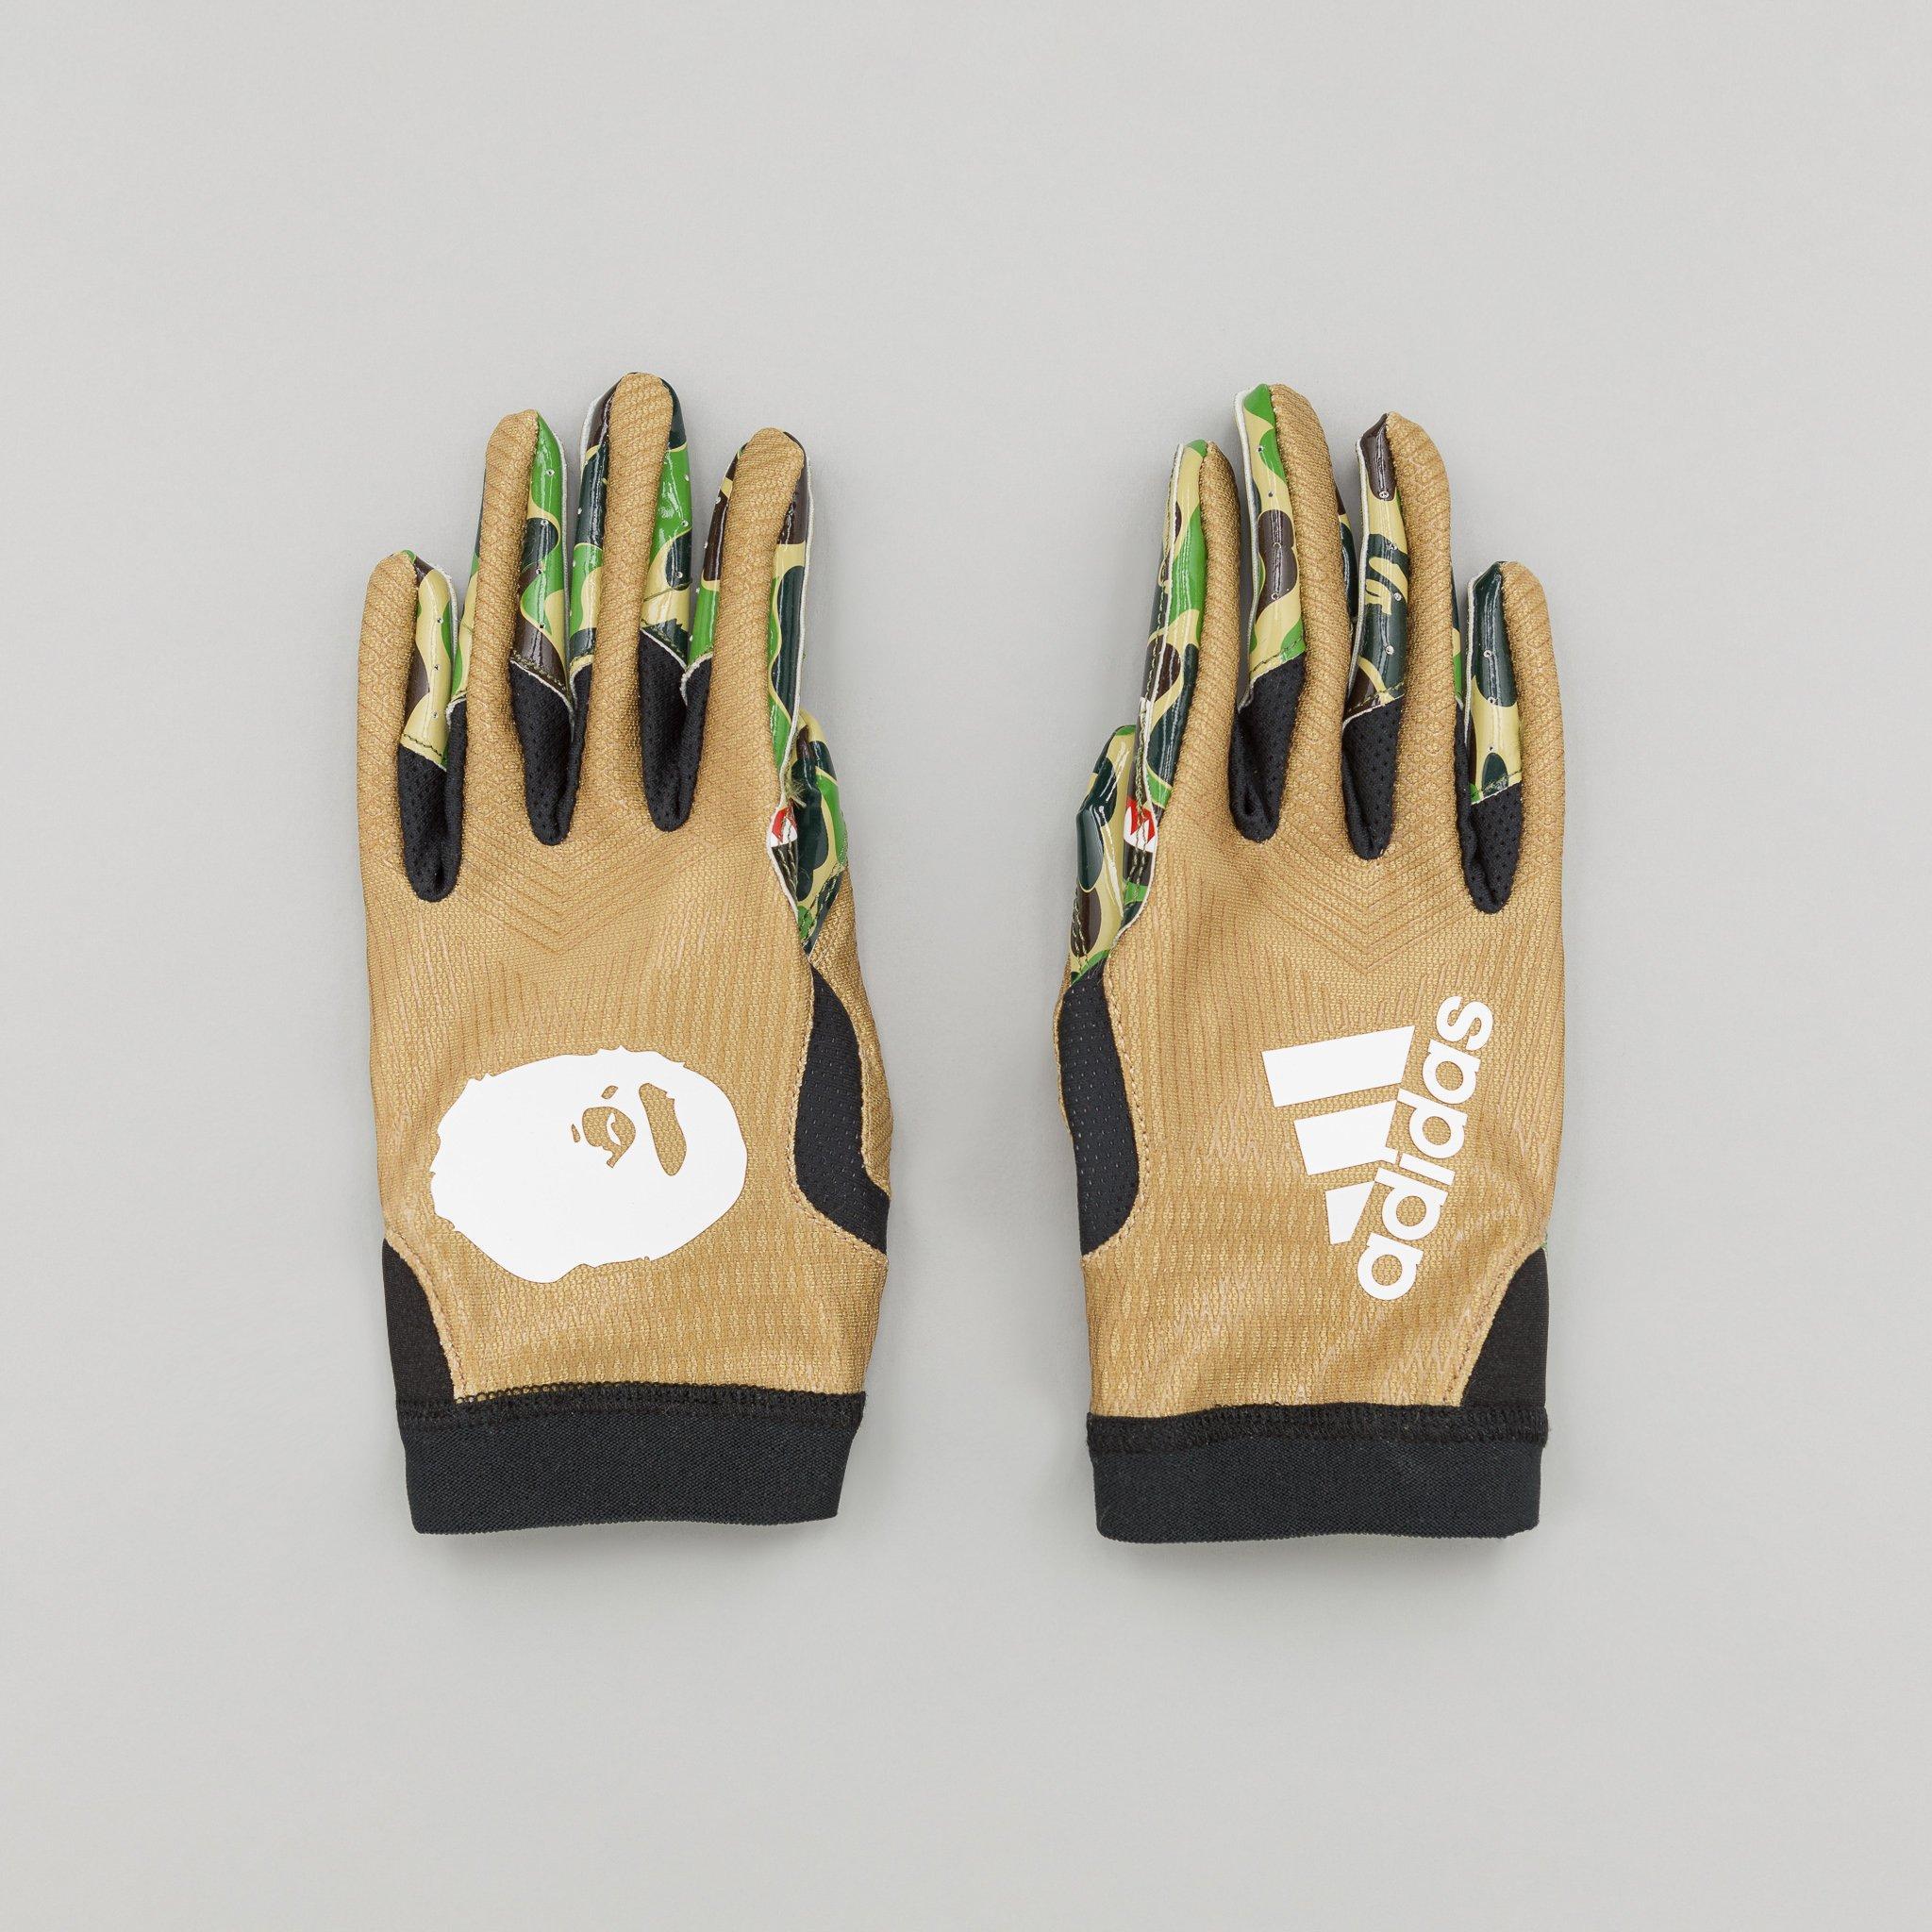 prezzo moderato prezzo favorevole stile alla moda Men's X Bape Adizero 8.0 Gloves In Camo Multicolor